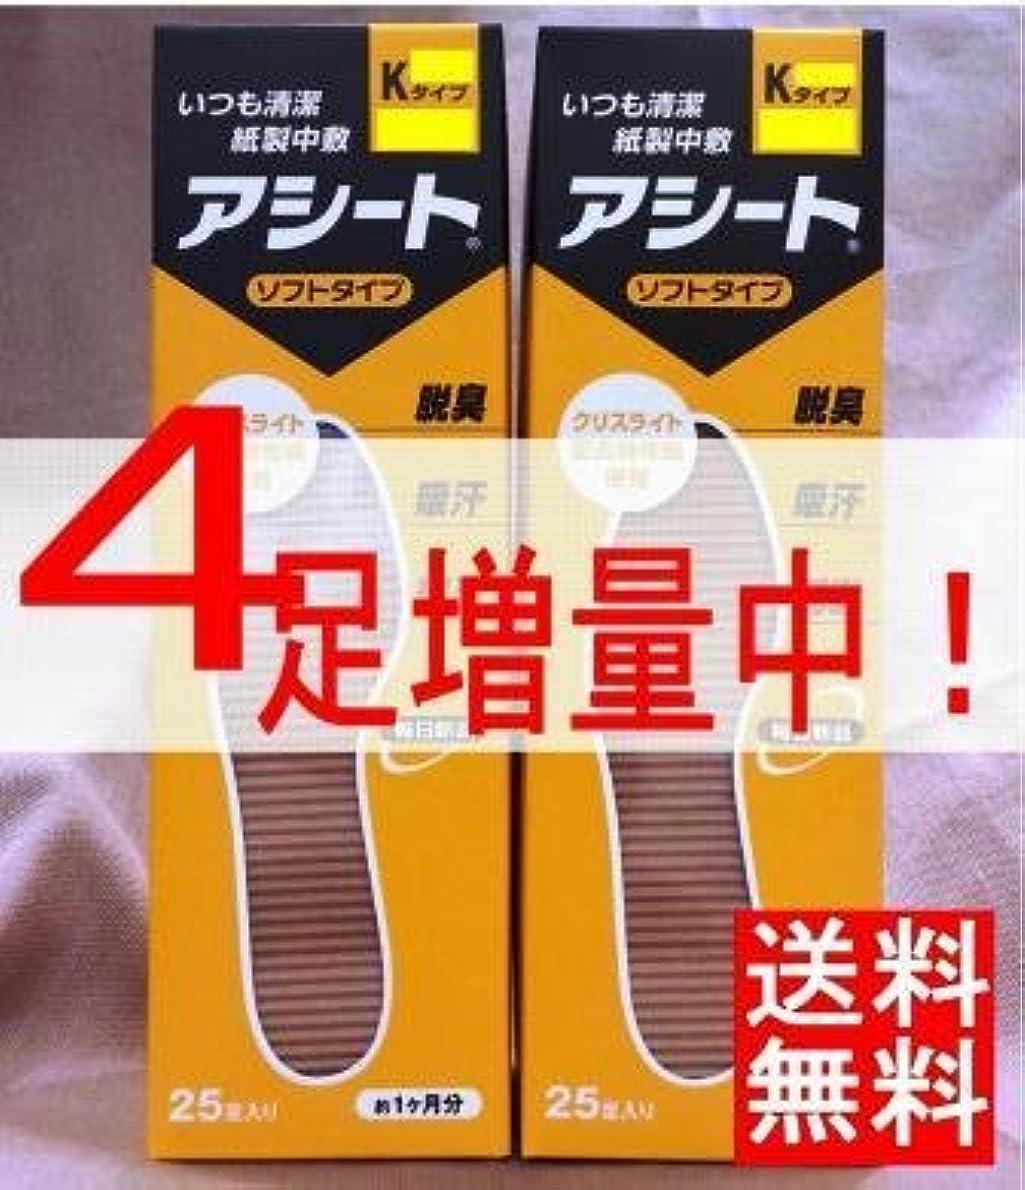 青気難しいアミューズアシートK(サイズ24cm)×2箱セット(4足増量中)